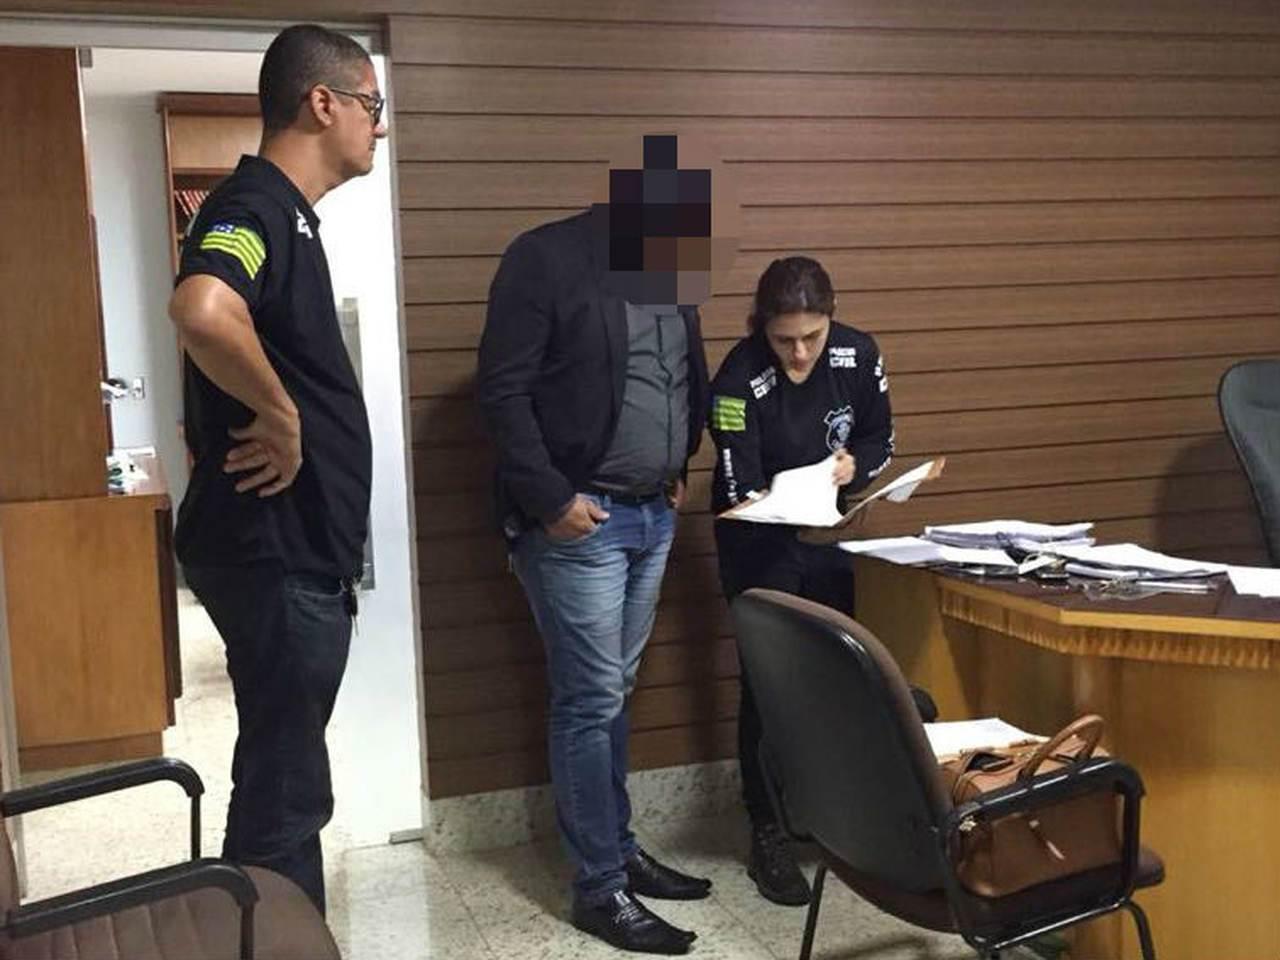 Advogado de Goiânia é suspeito de falsificar procurações dos clientes | Foto: Divulgação